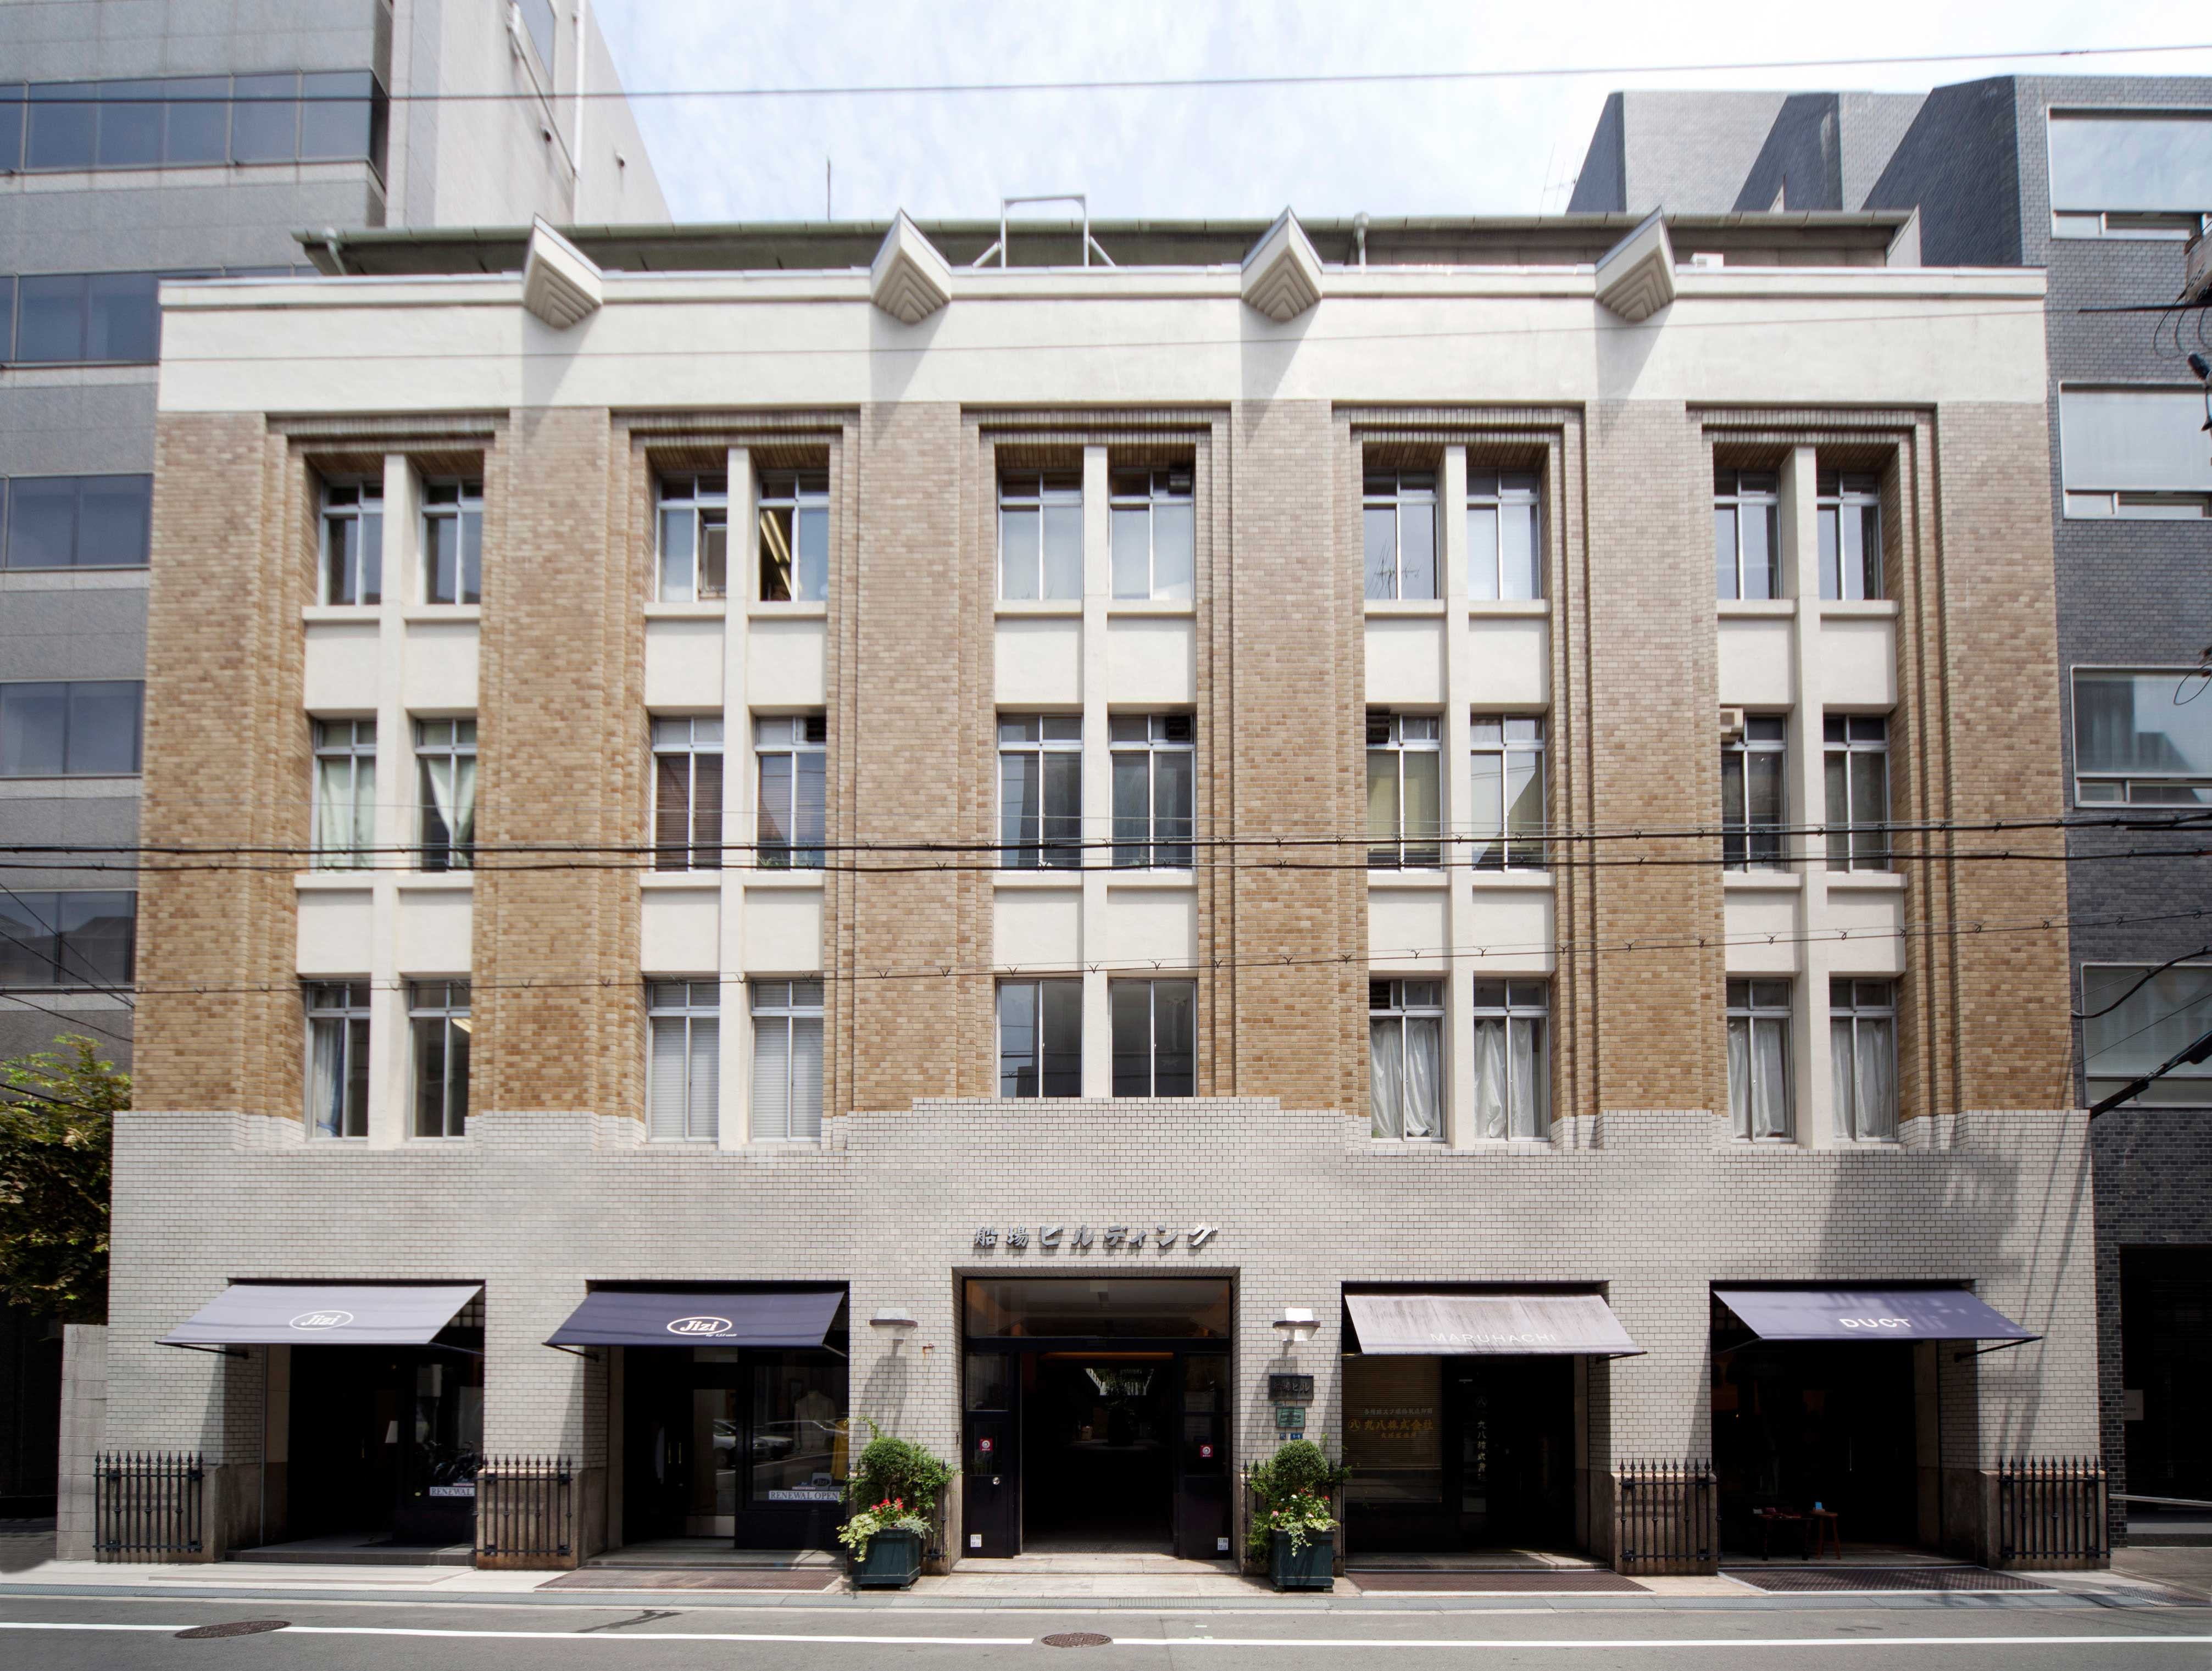 <p>南面正面外観</p>柱型を出して縦線が強調された外観デザインは、1階は白色の2階より上階は茶色の小口タイルを張ってコントラストをはっきりさせている。